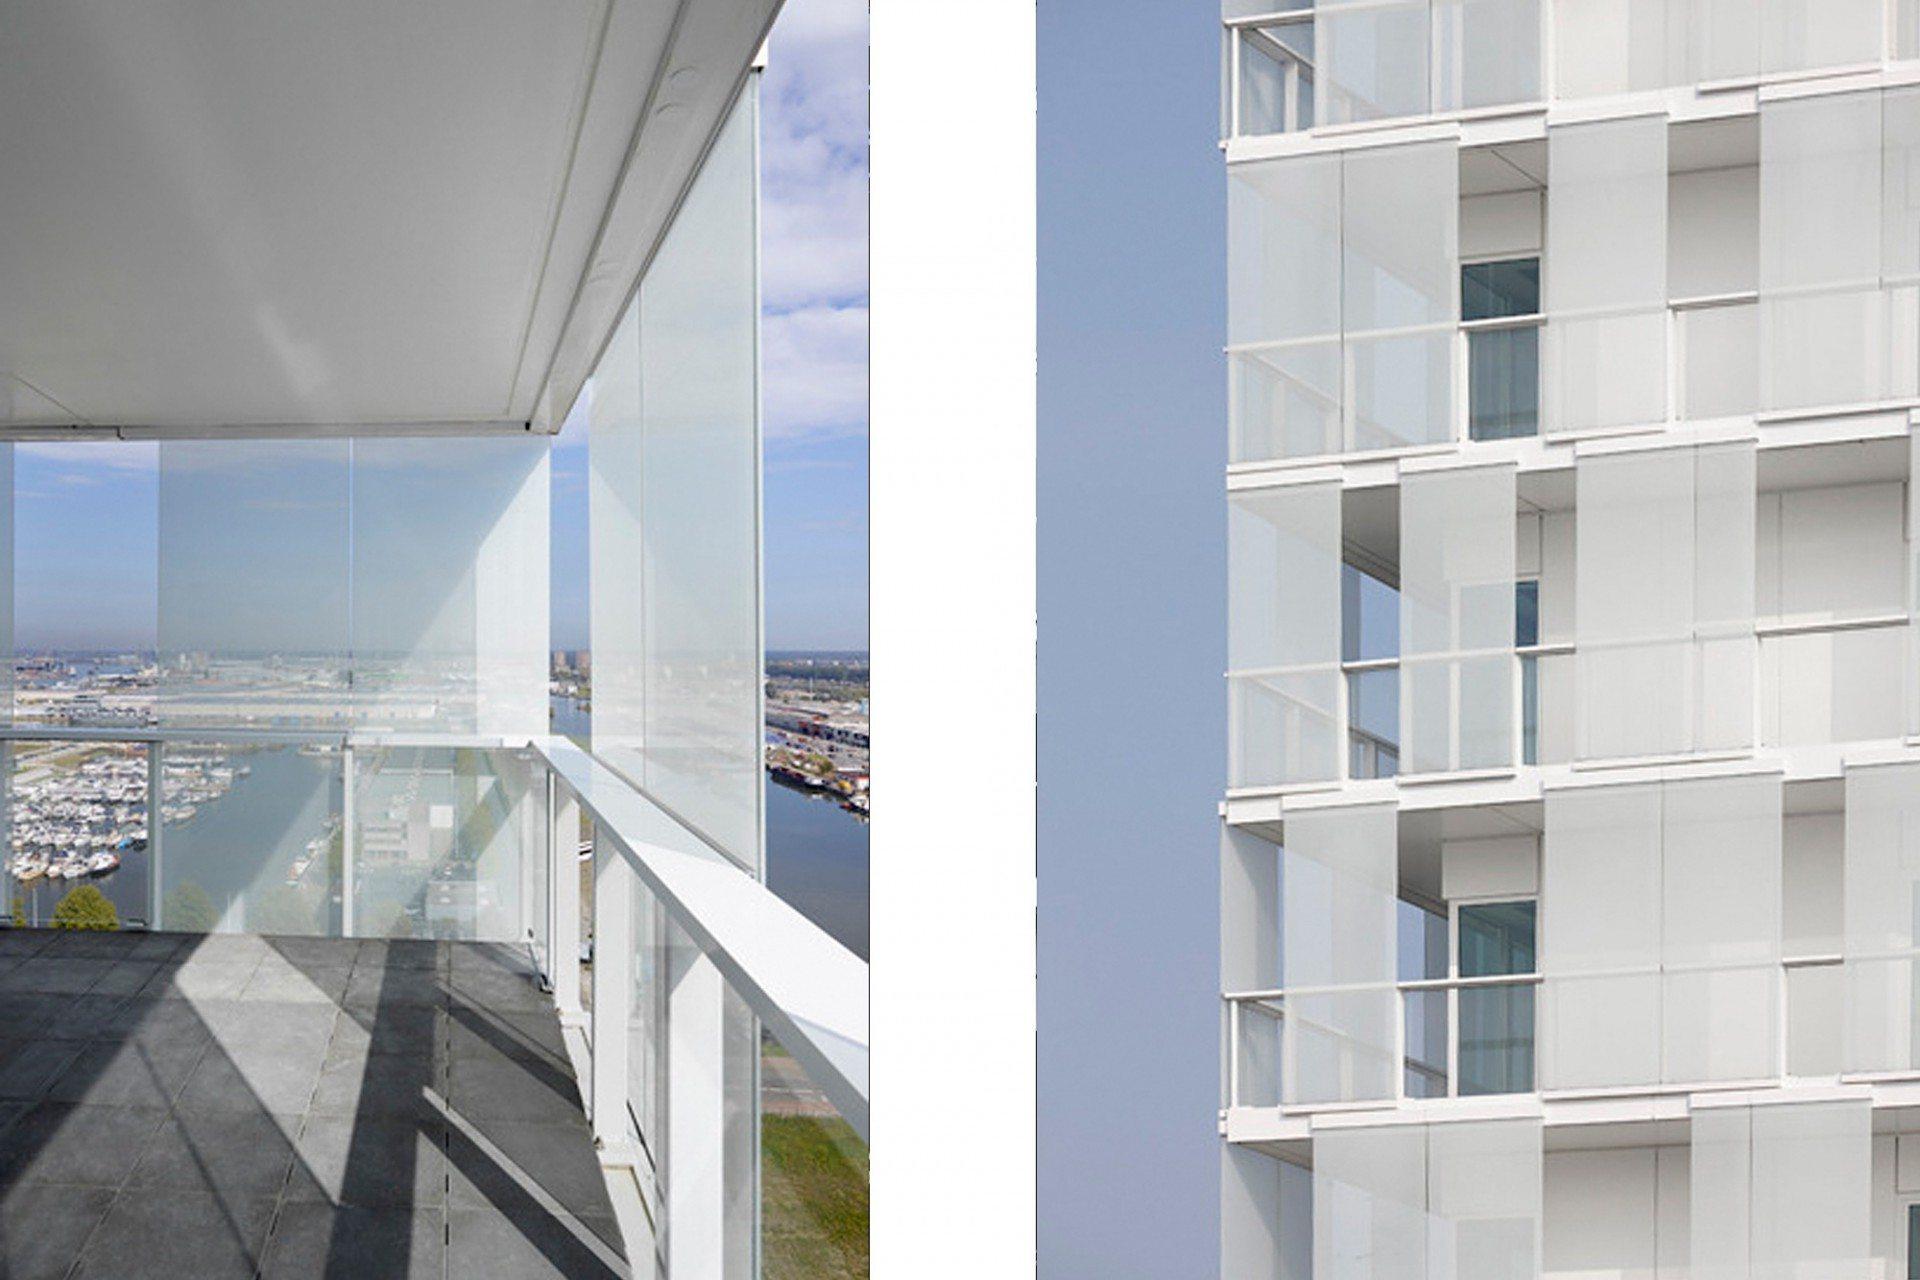 Heiter. Die vielschichtige, transluzente Fassade erzeugt ein heiteres Spiel aus Licht und Schatten und schützt die umlaufenden Umgänge.